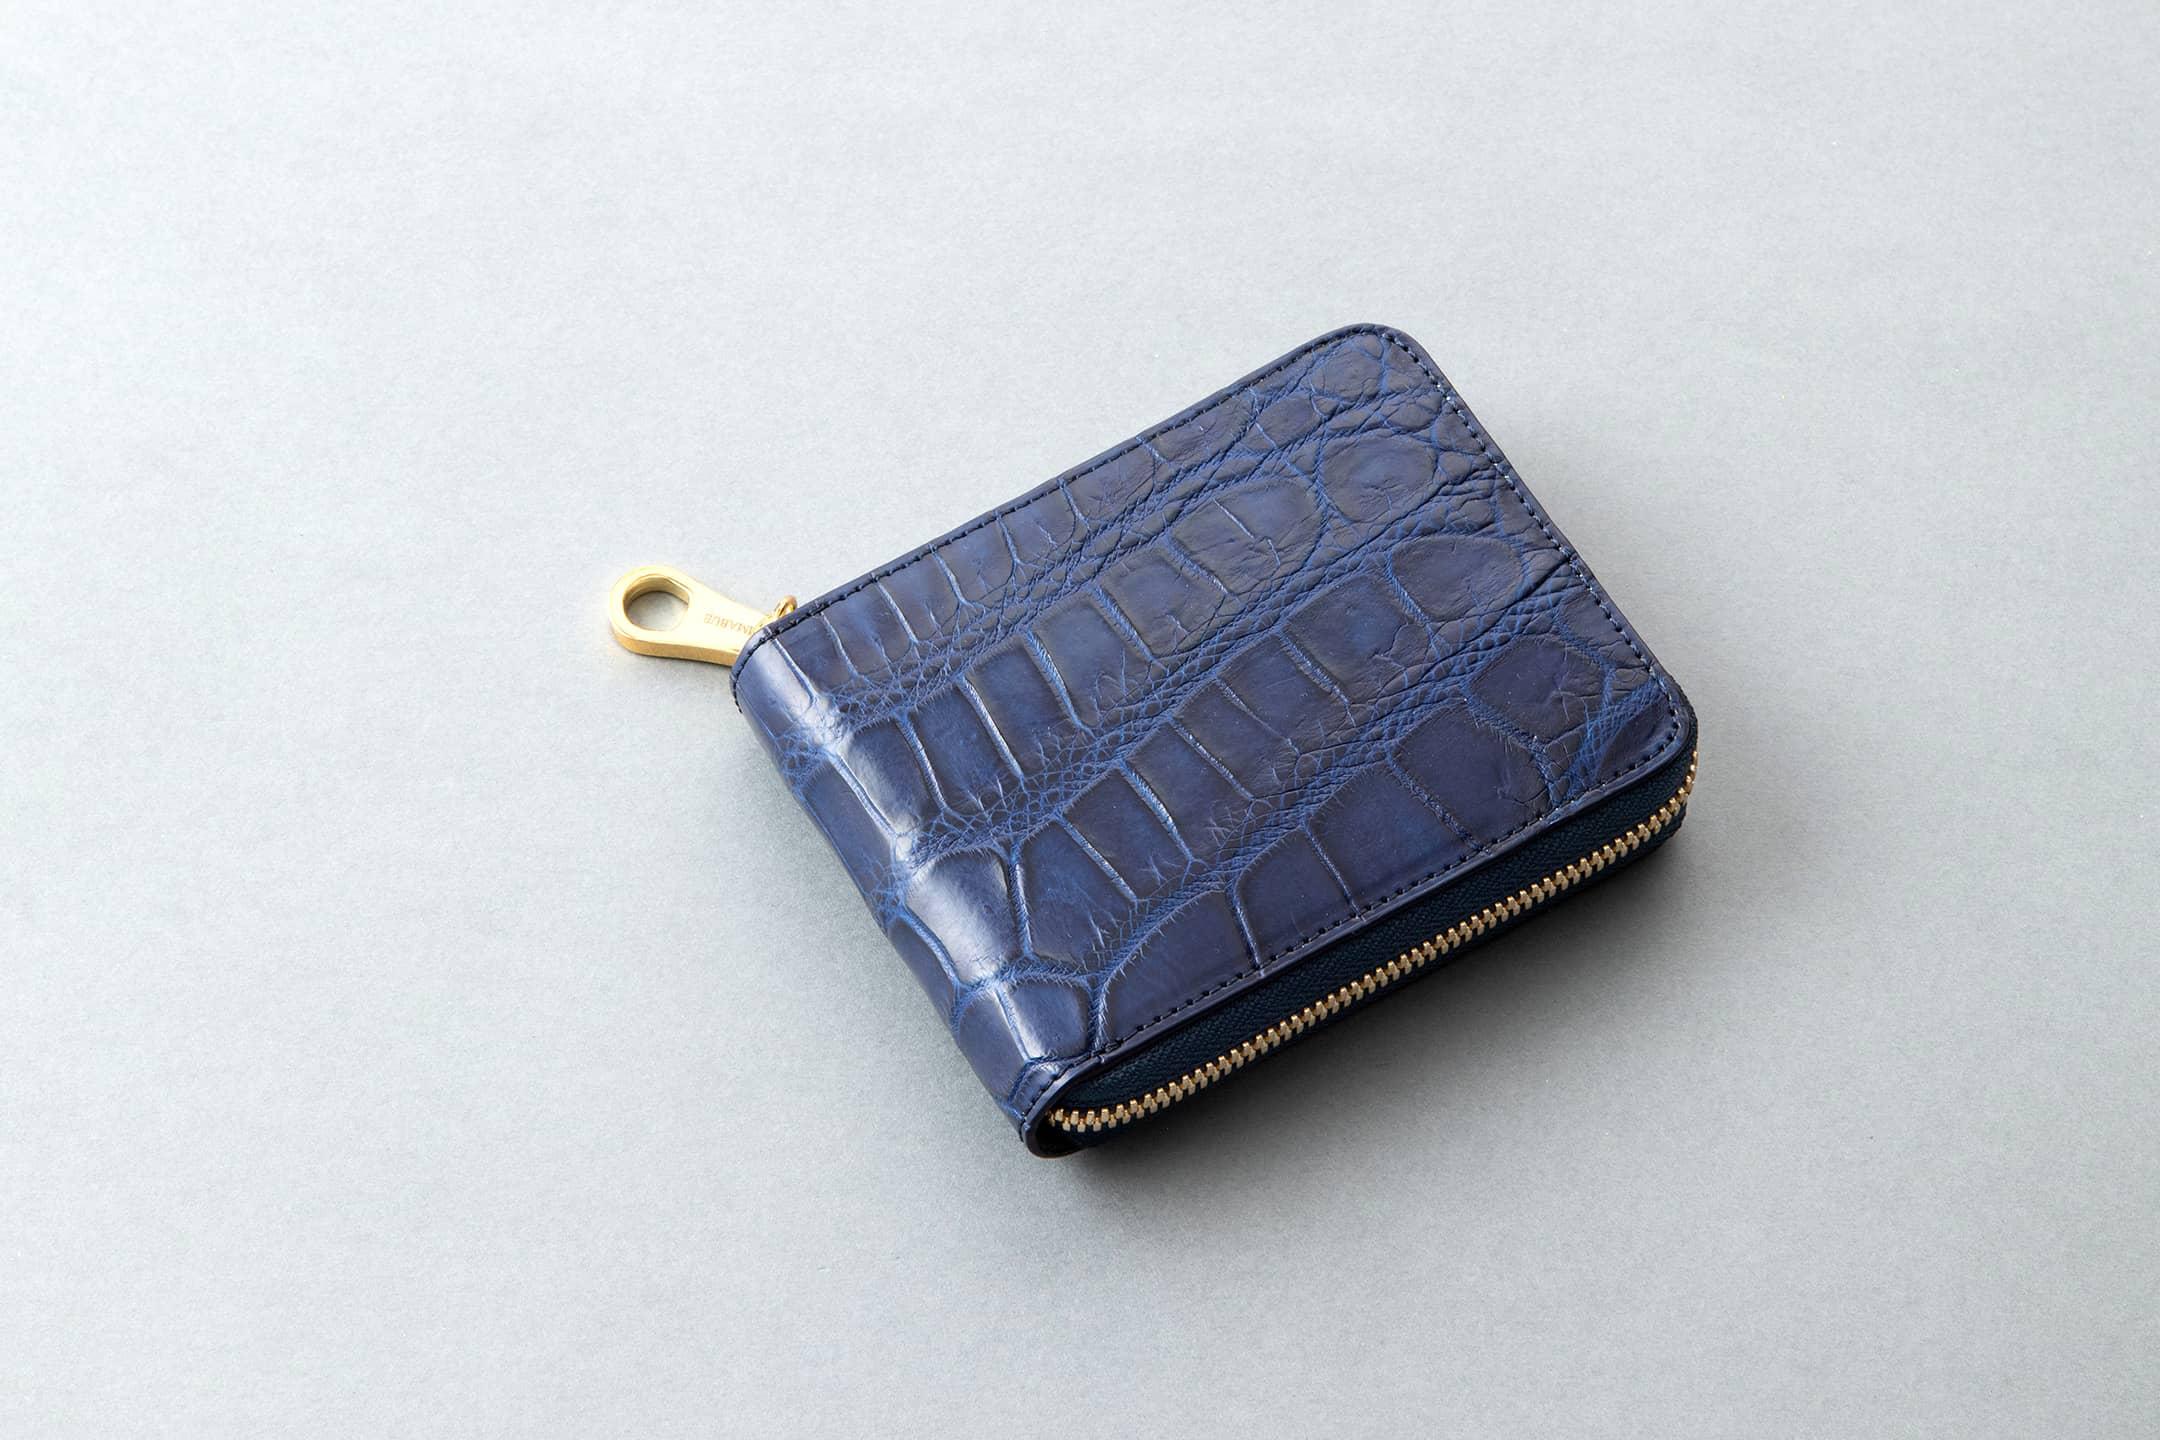 藍染めクロコダイル ラウンドジップ二つ折財布 by CIMABUE(チマブエ)